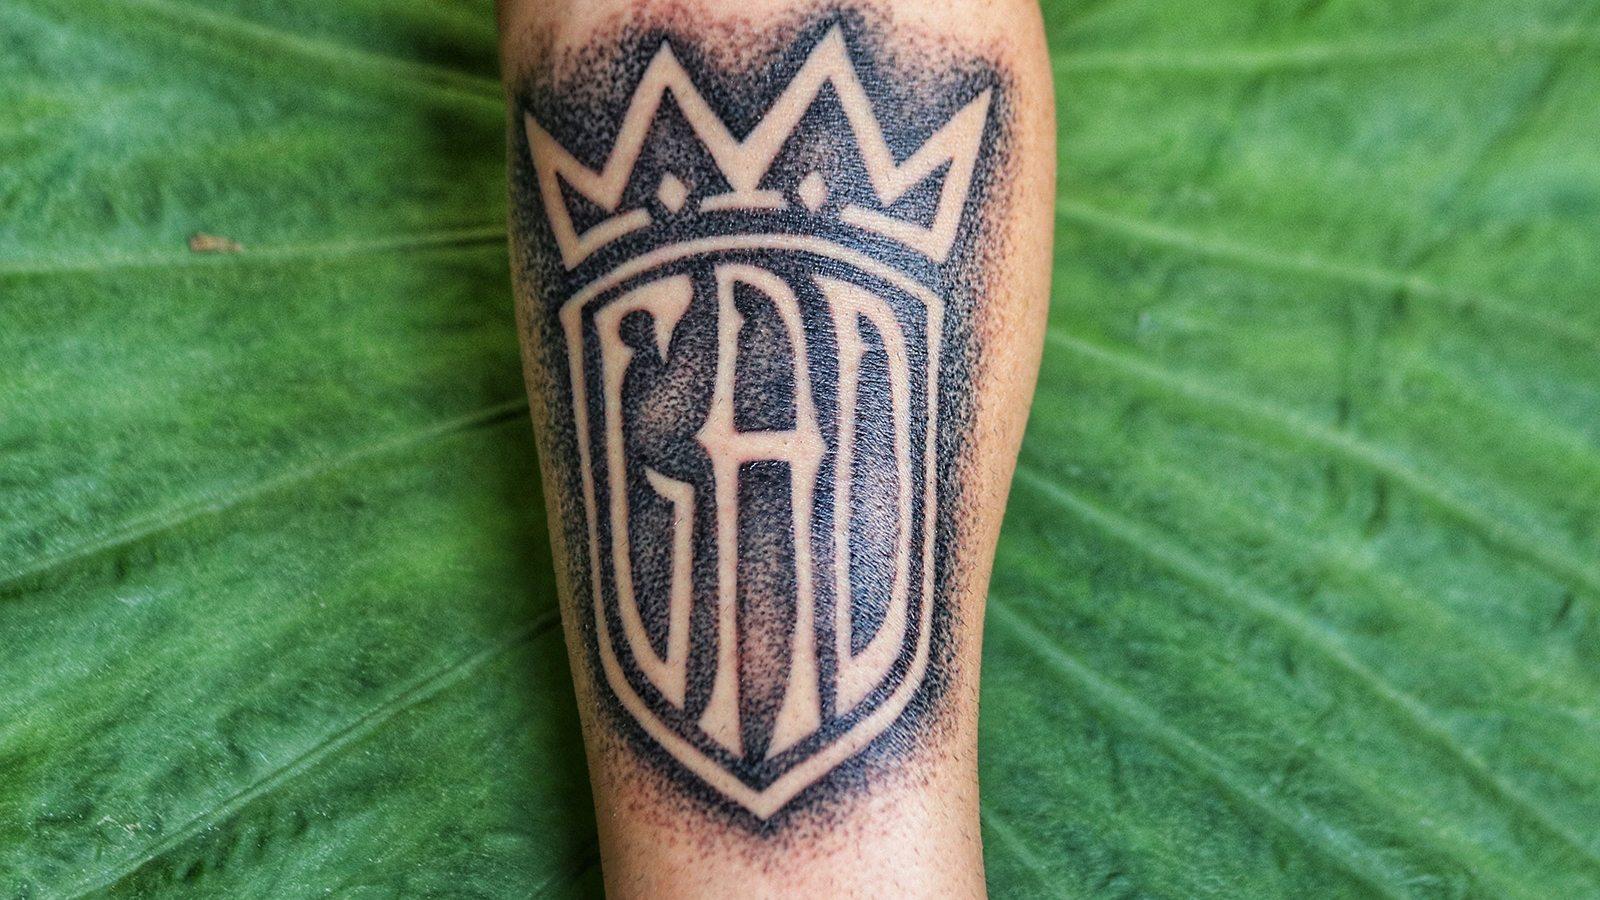 Tattoo Artist Bill Salmon Phlox Tattoo